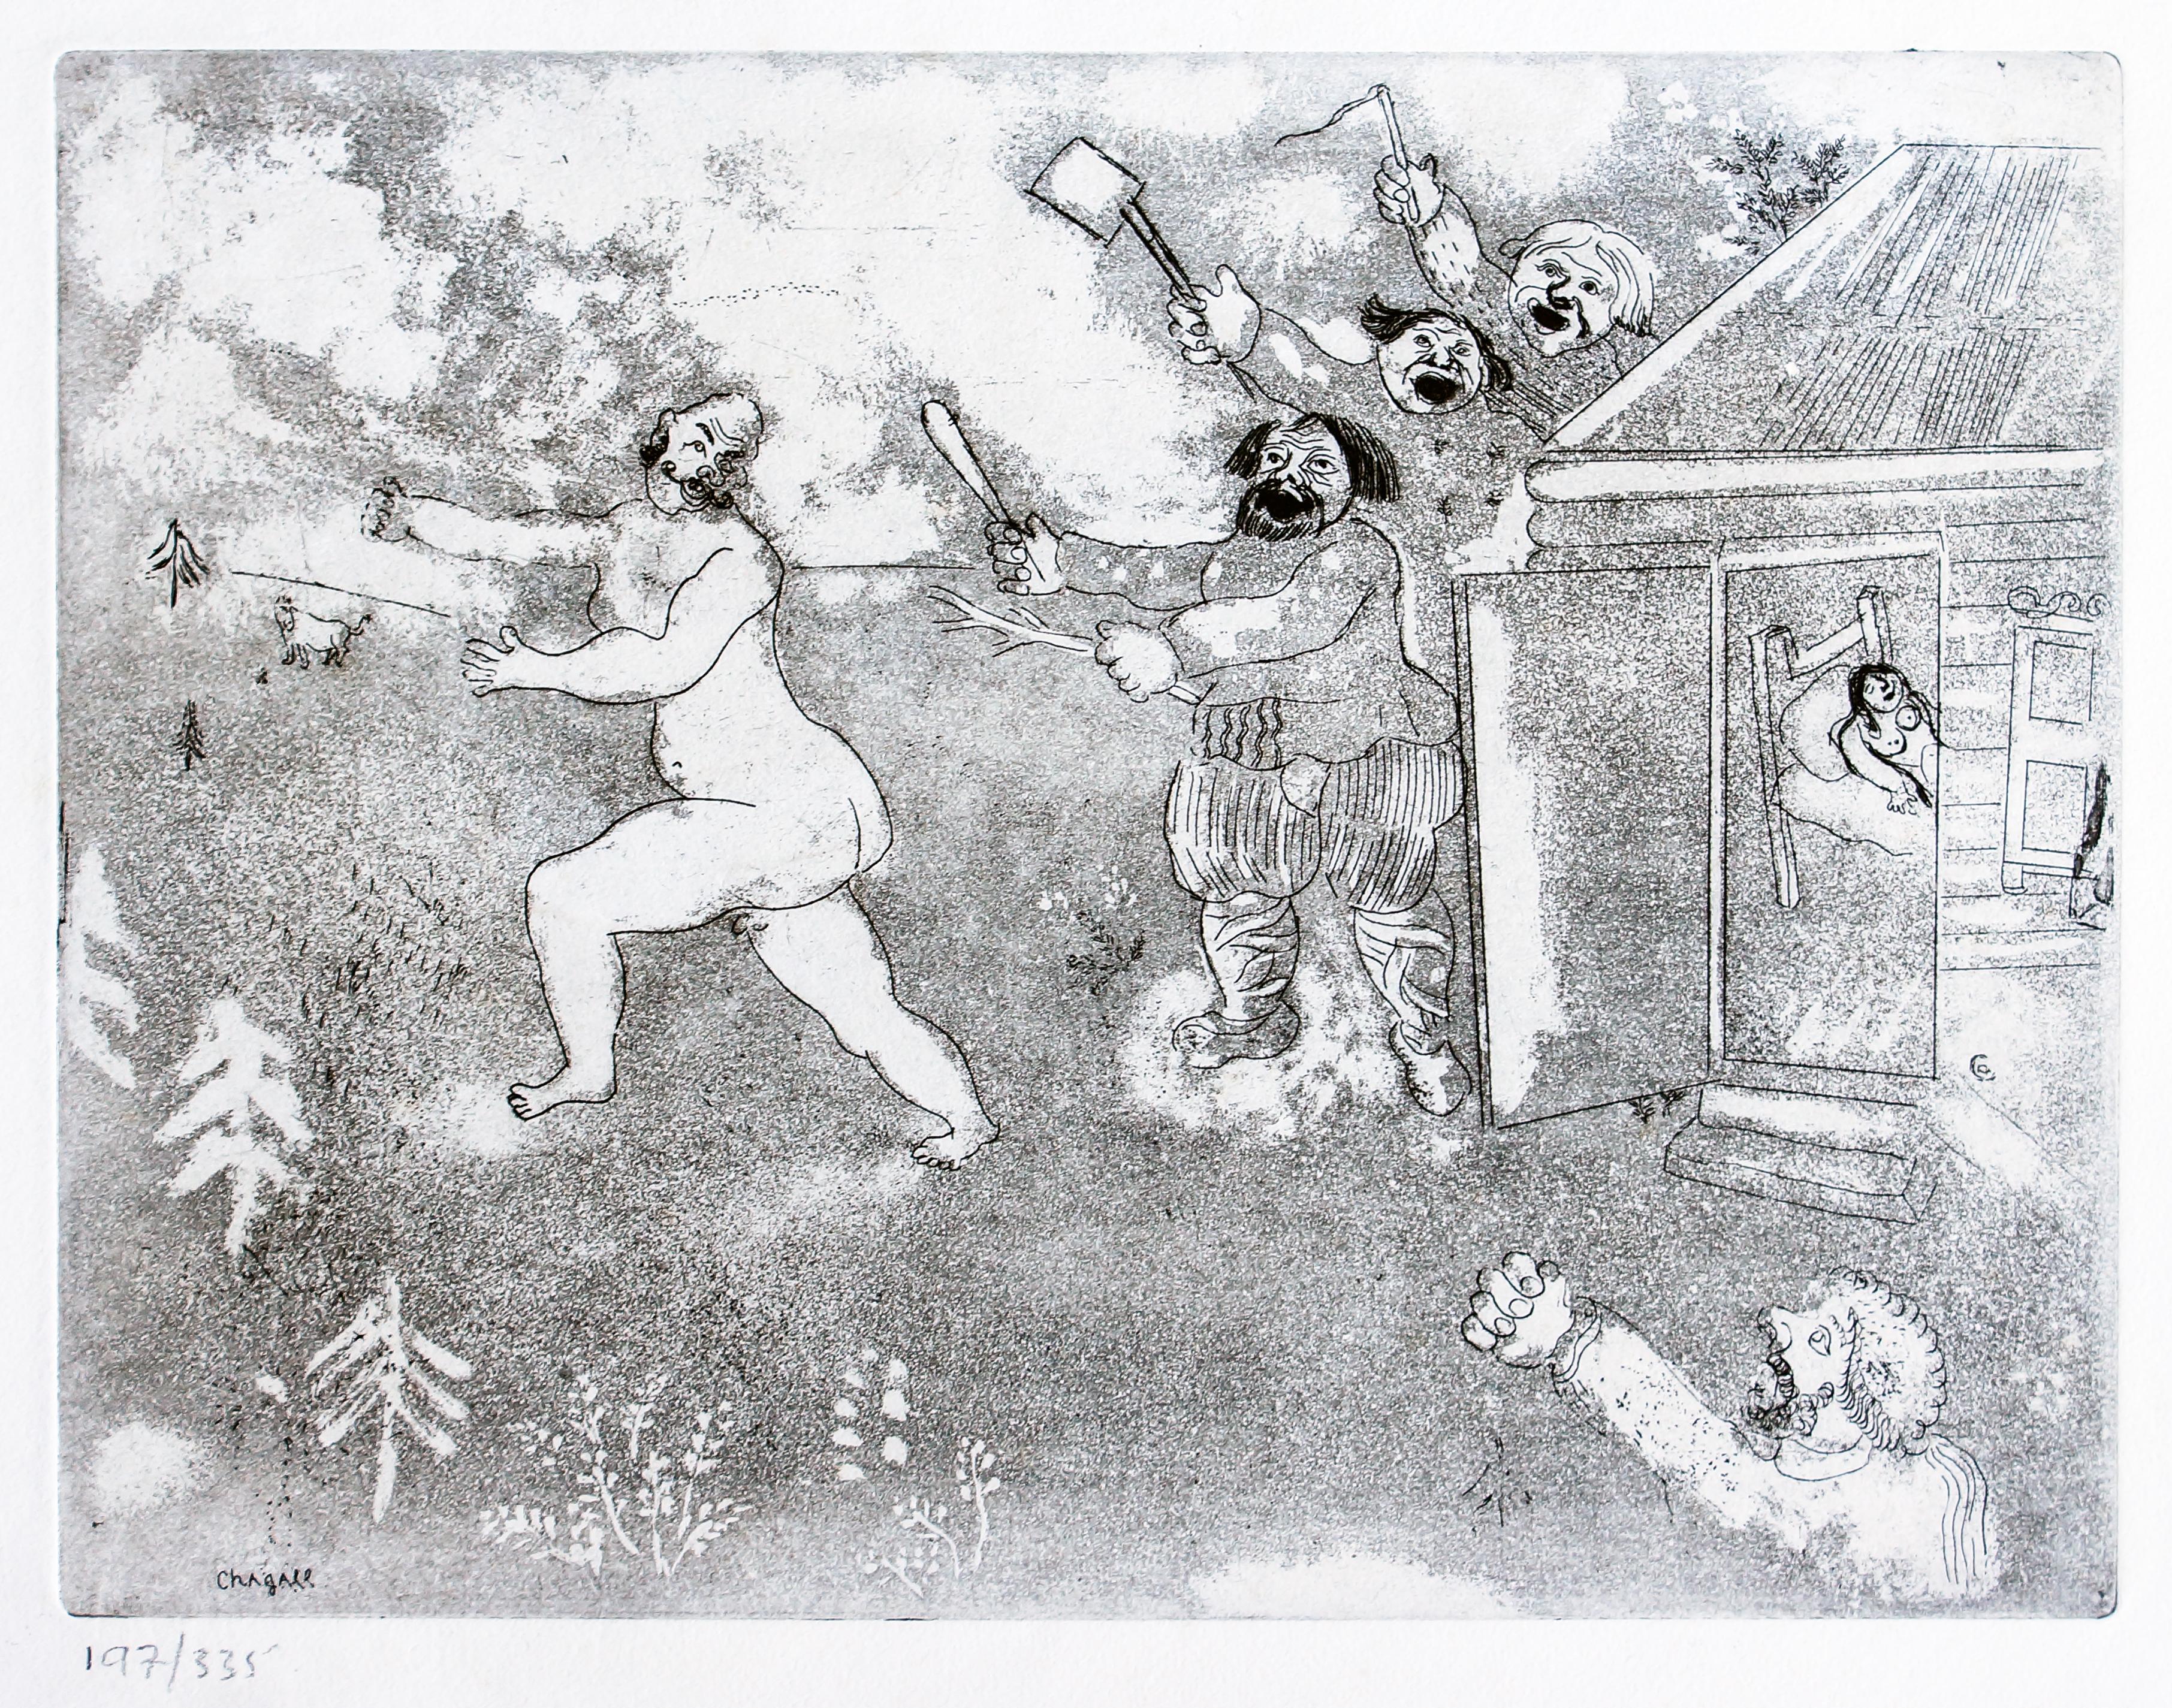 La Suite tout Nu  - Original Etching by M. Chagall - 1948